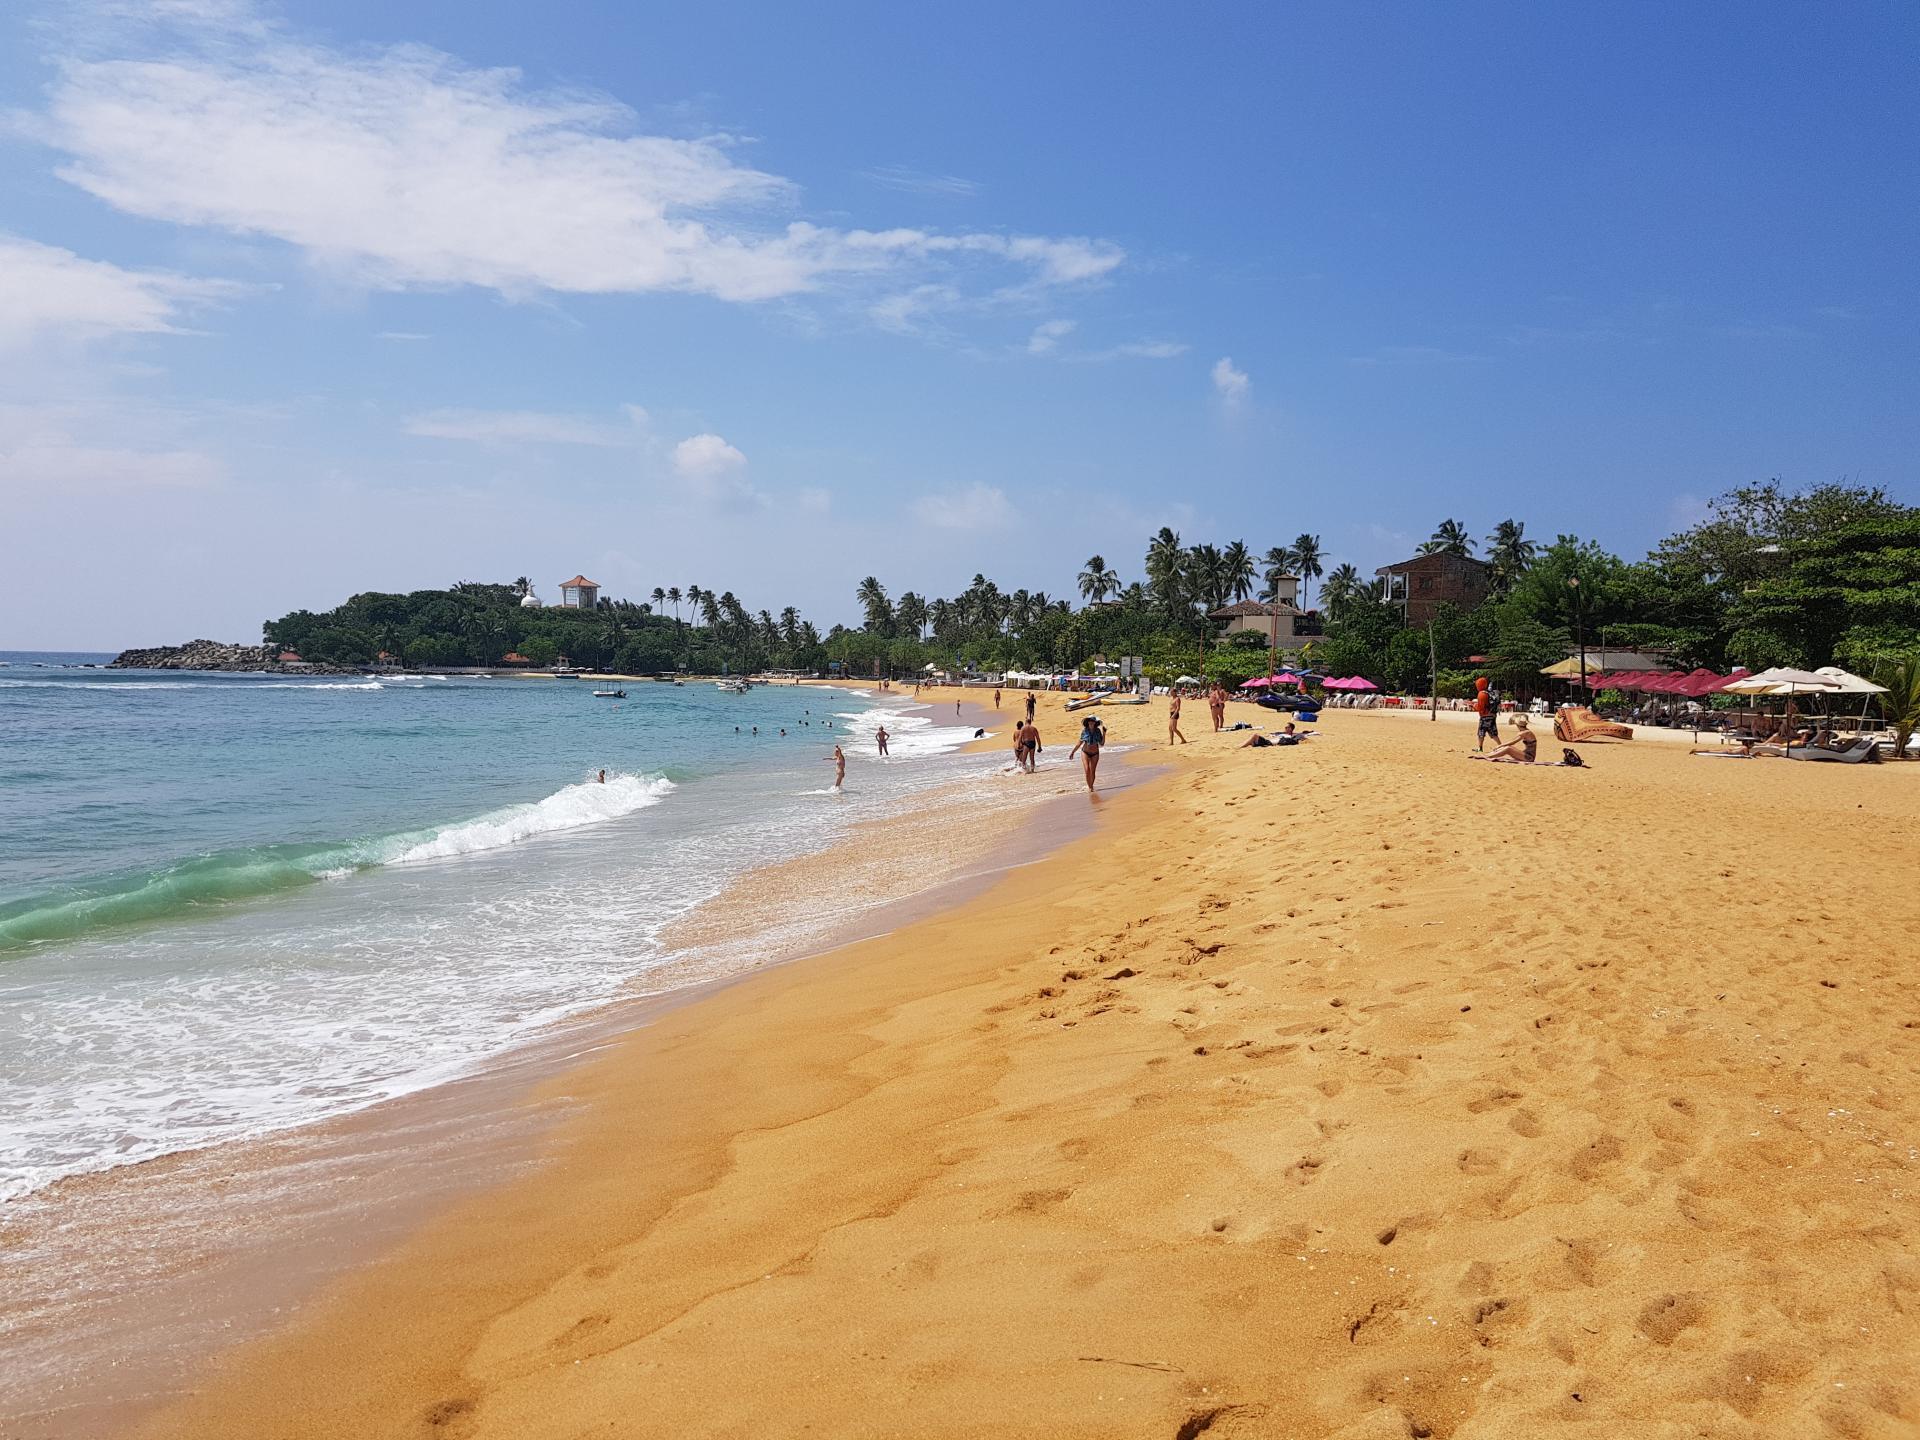 пляж Унаватуна, Шри-Ланка